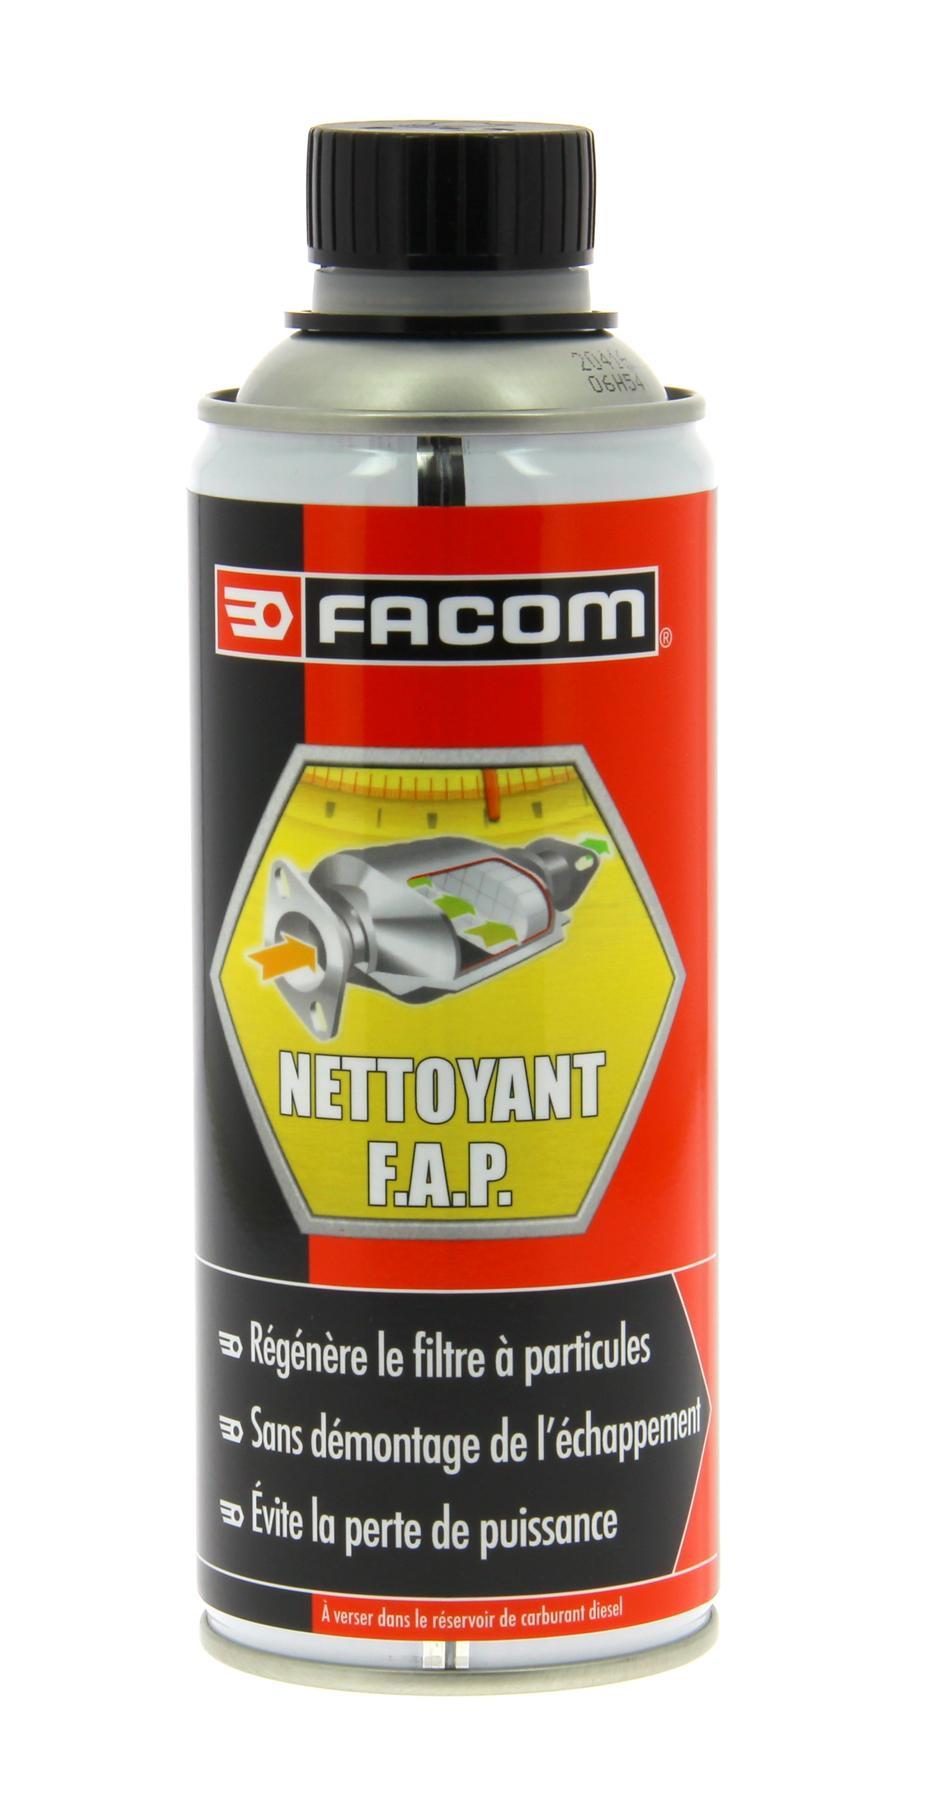 Köp FACOM 006022 - Rengöring sot- / partikelfilter: Innehåll: 475ml